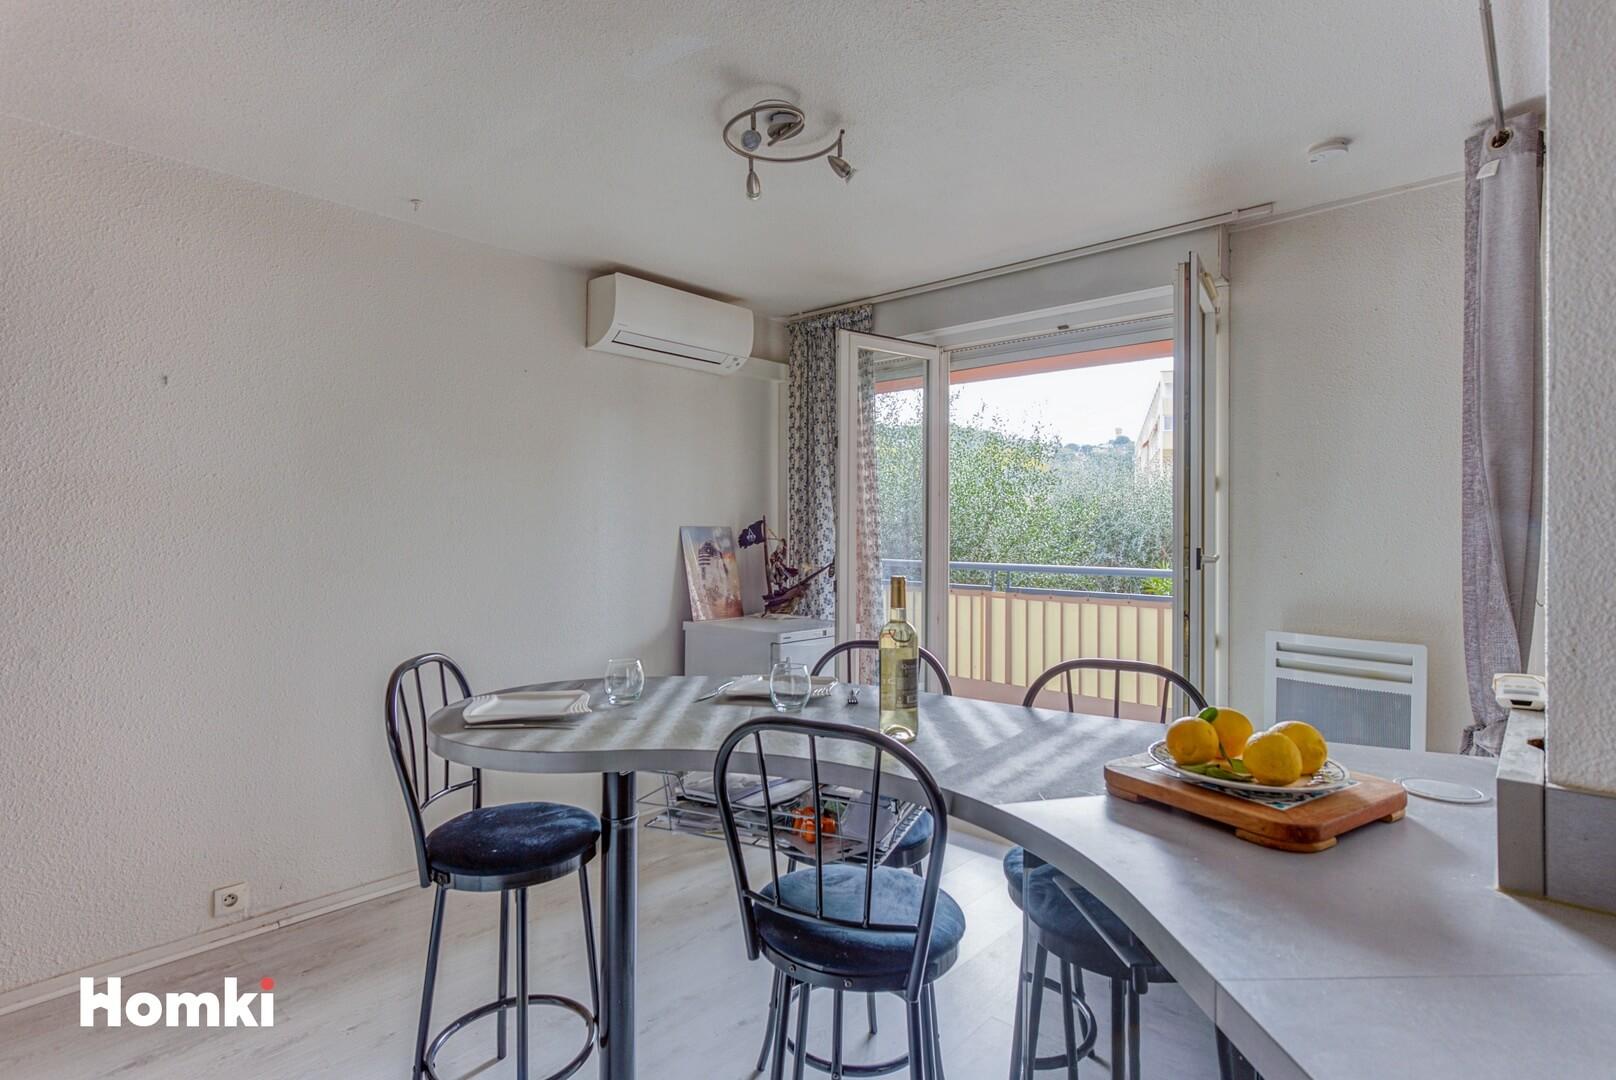 Homki - Vente Appartement  de 34.0 m² à Vallauris 06220